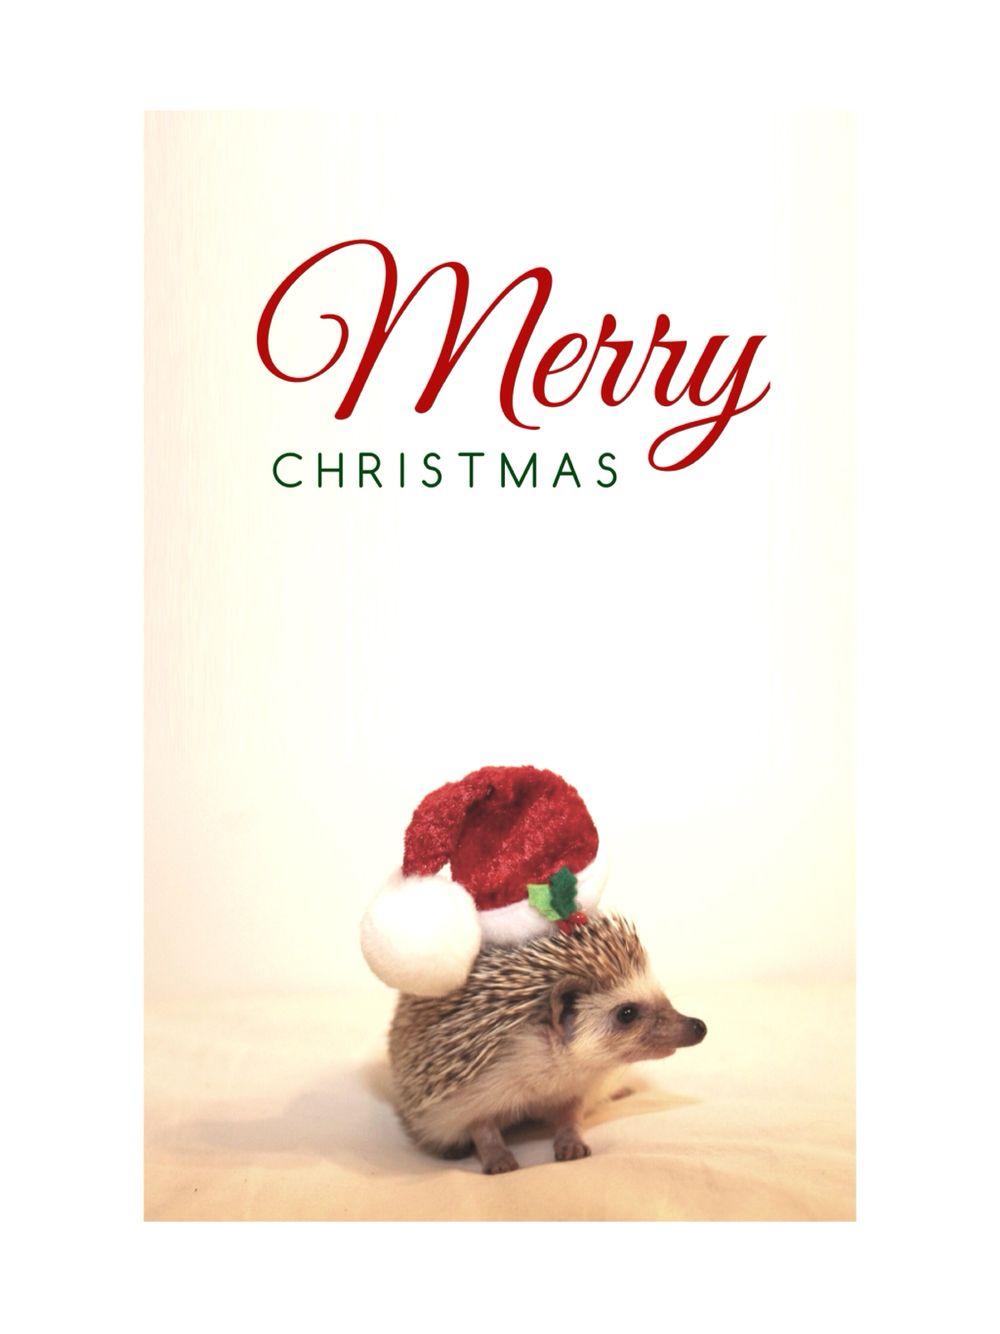 Hedgehog Christmas Wallpaper Hedgehog Christmas Christmas Wallpaper Merry Christmas